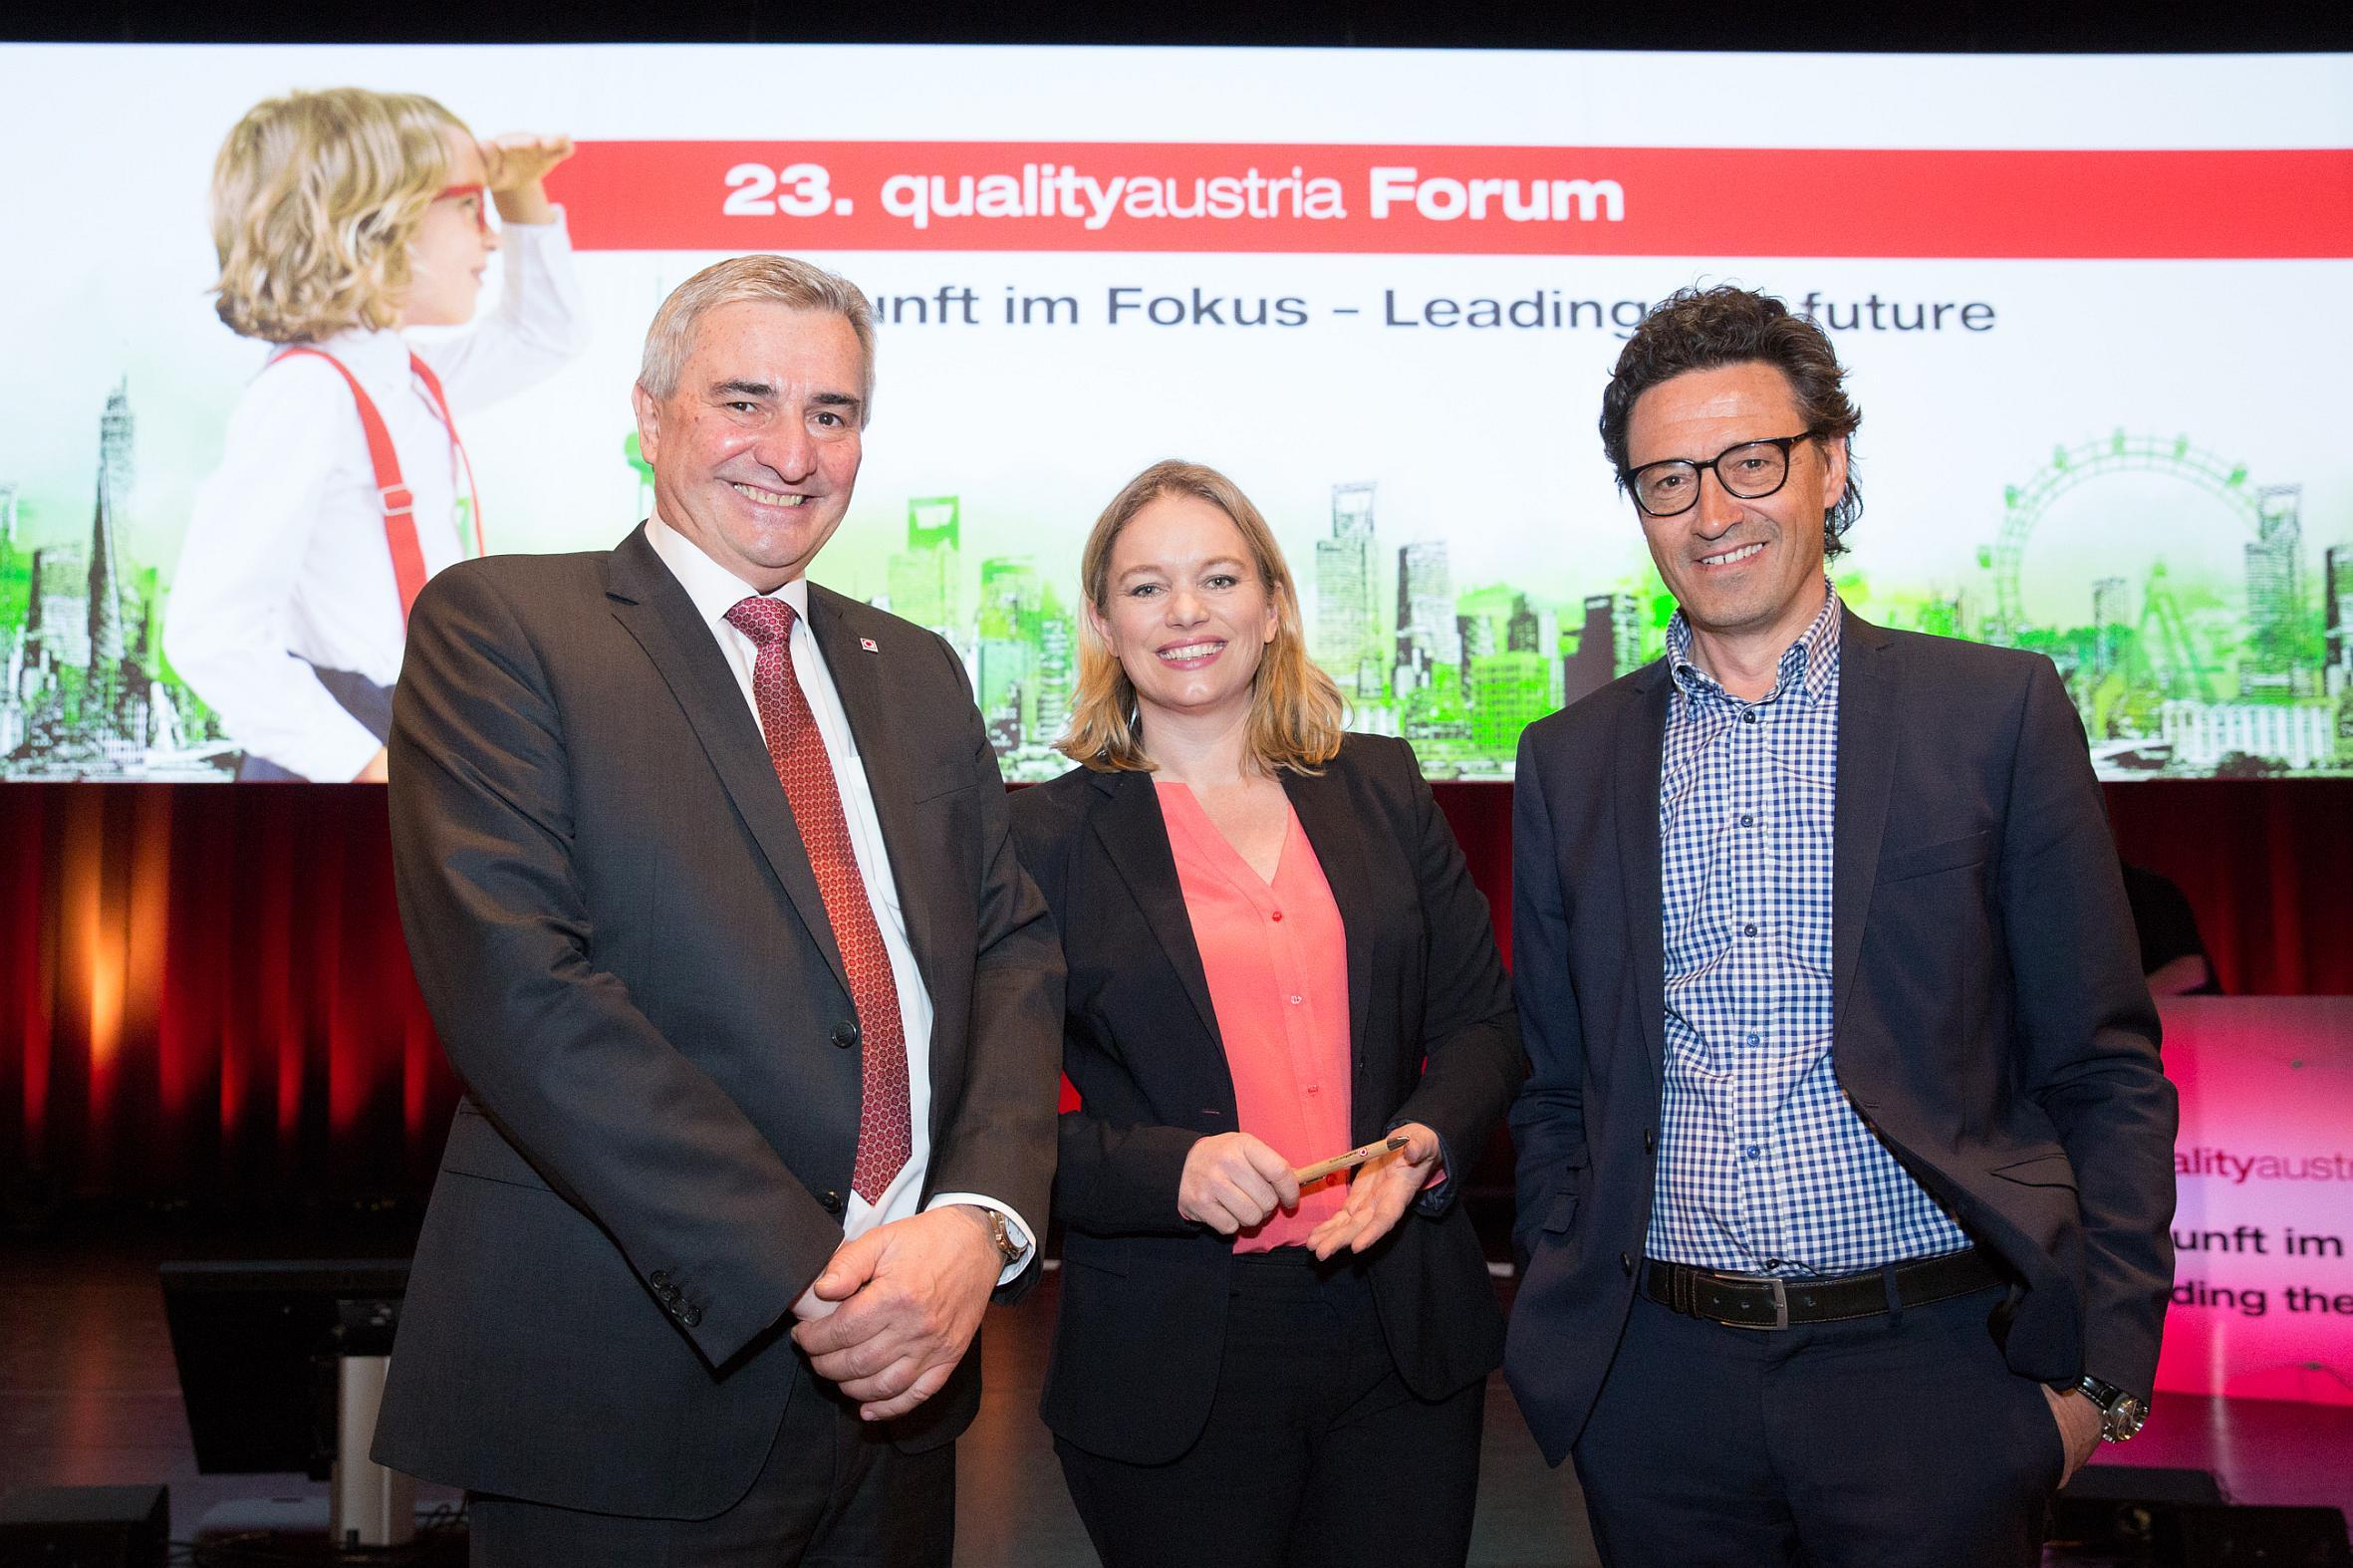 23. qualityaustria Forum: Zukunft 4.0 – Wie Unternehmen dynamische Veränderungen managen